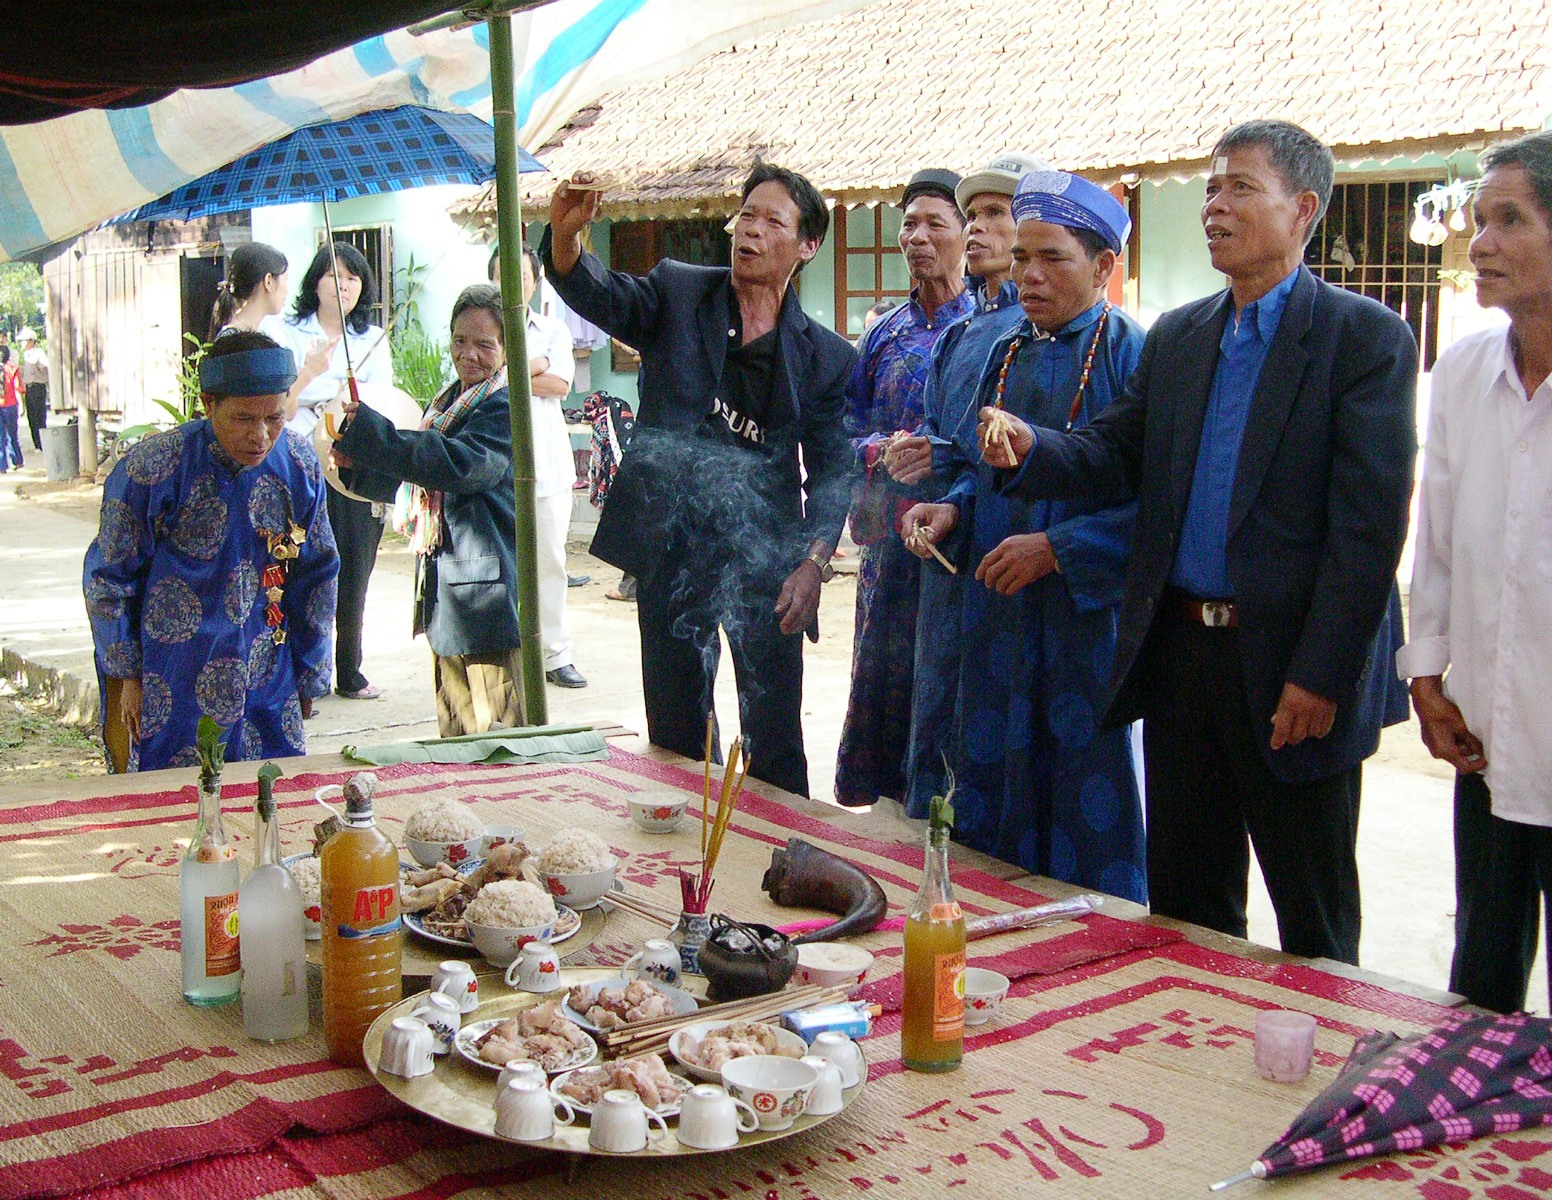 Những người già Cơ Tu thực hiện nghi thức ném bông lúa trong đám cưới. Ảnh: P.V.B